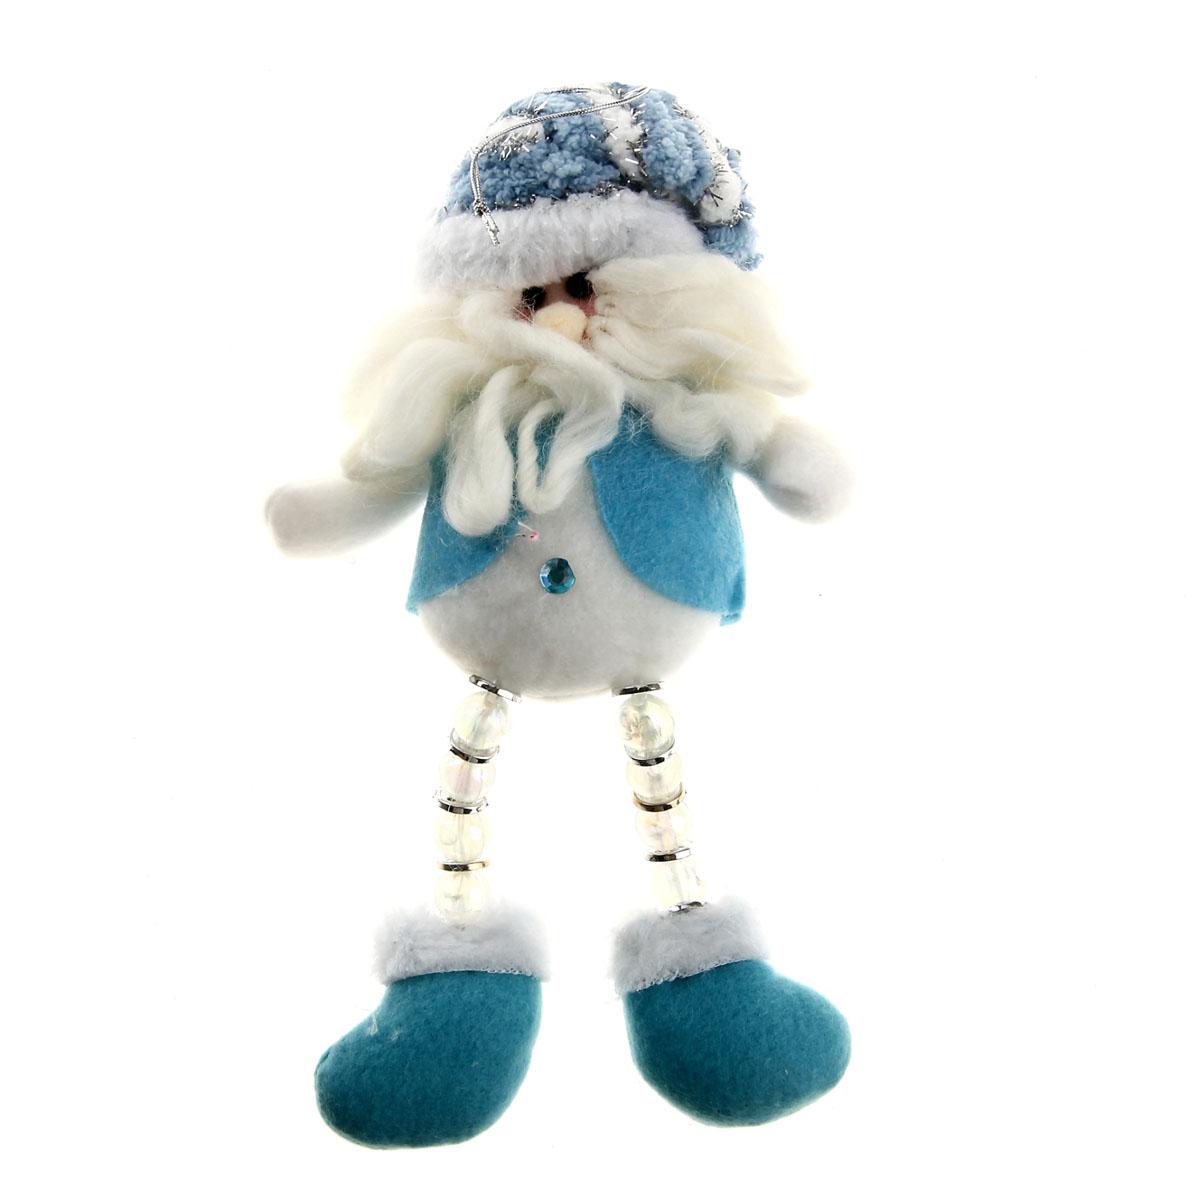 Новогоднее подвесное украшение Sima-land Дед Мороз, цвет: голубой. 811680811680Новогоднее украшение Sima-land Дед мороз отлично подойдет для декорации вашего дома и новогодней ели. Игрушка выполнена из текстиля в виде забавного Деда Мороза с длинными подвижными ногами из пластиковых пуговиц и бусин. Украшение оснащено специальной текстильной петелькой для подвешивания. Елочная игрушка - символ Нового года. Она несет в себе волшебство и красоту праздника. Создайте в своем доме атмосферу веселья и радости, украшая всей семьей новогоднюю елку нарядными игрушками, которые будут из года в год накапливать теплоту воспоминаний. Коллекция декоративных украшений из серии Зимнее волшебство принесет в ваш дом ни с чем не сравнимое ощущение праздника!